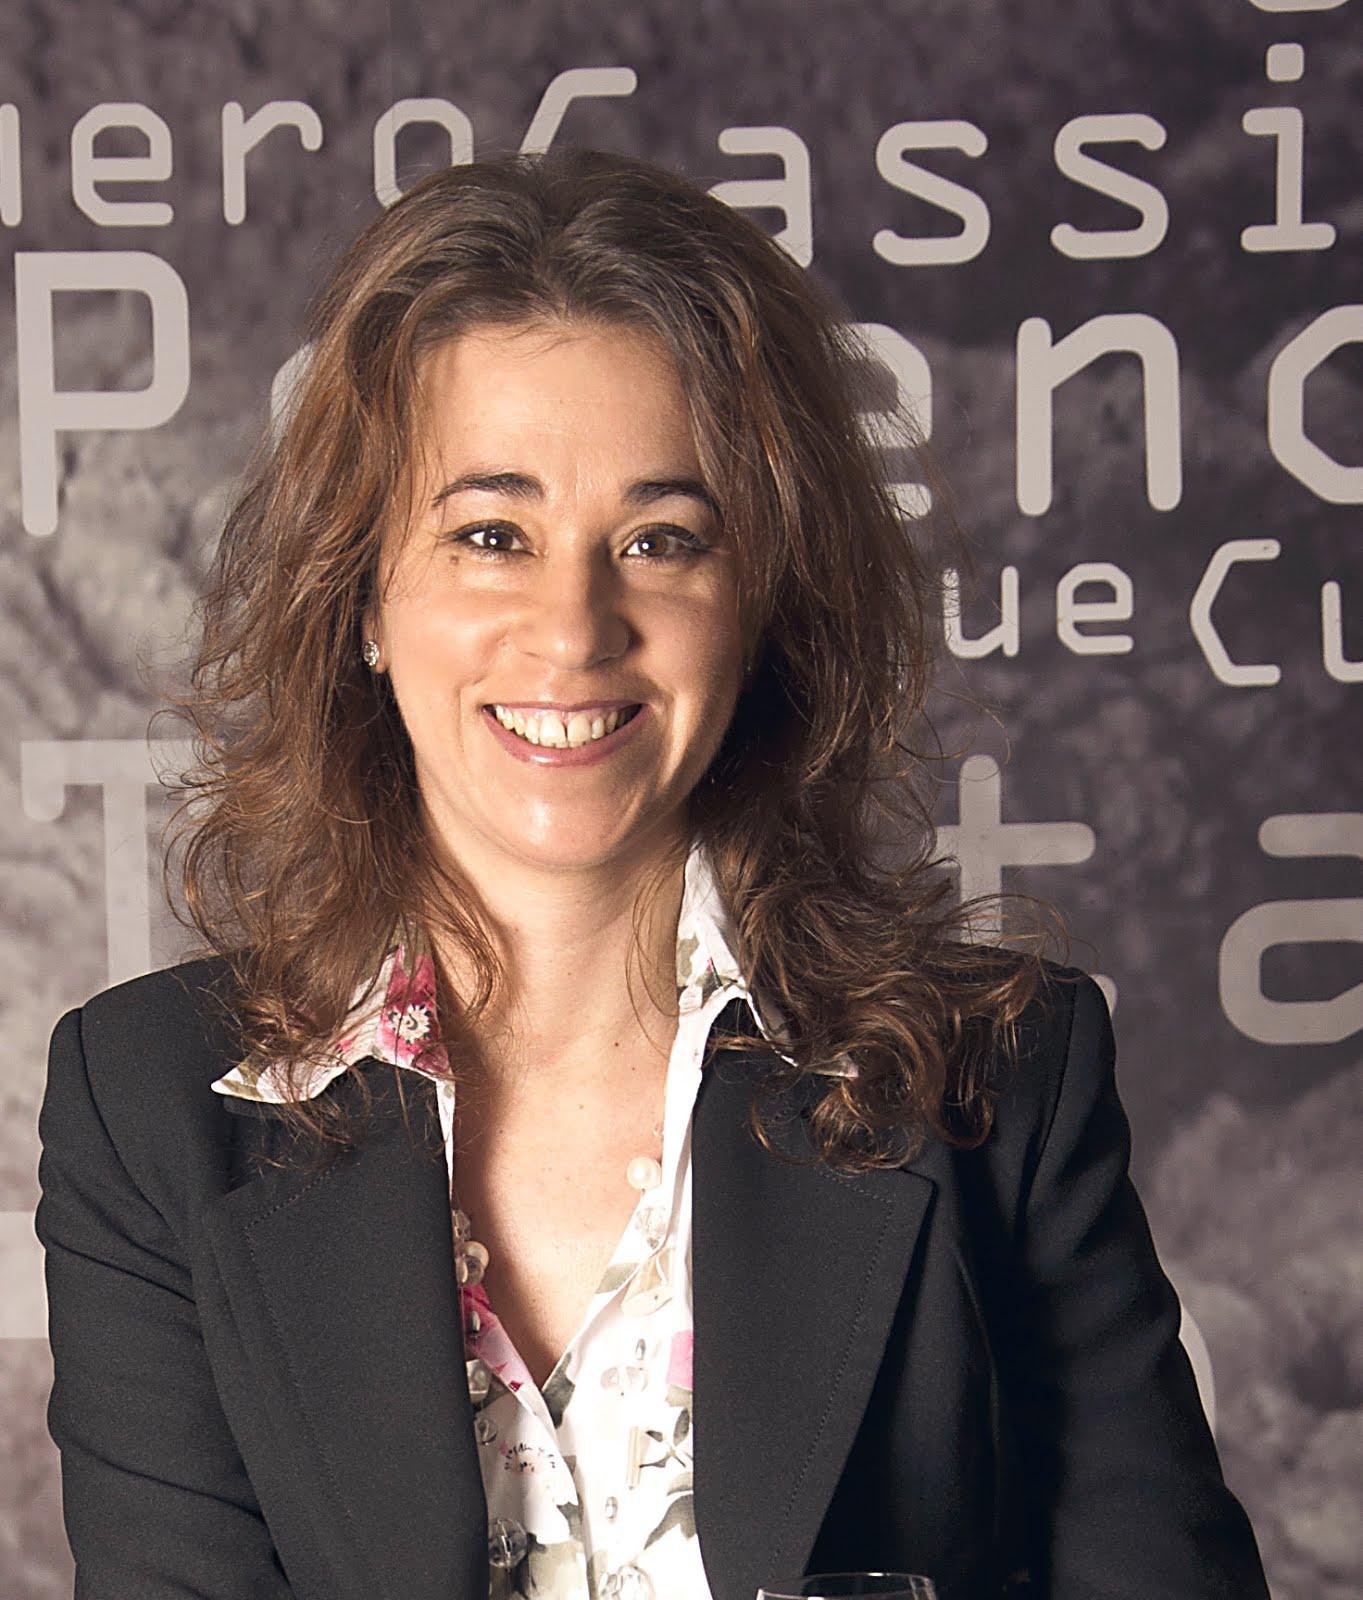 Carolina Bianchi Irigoyen